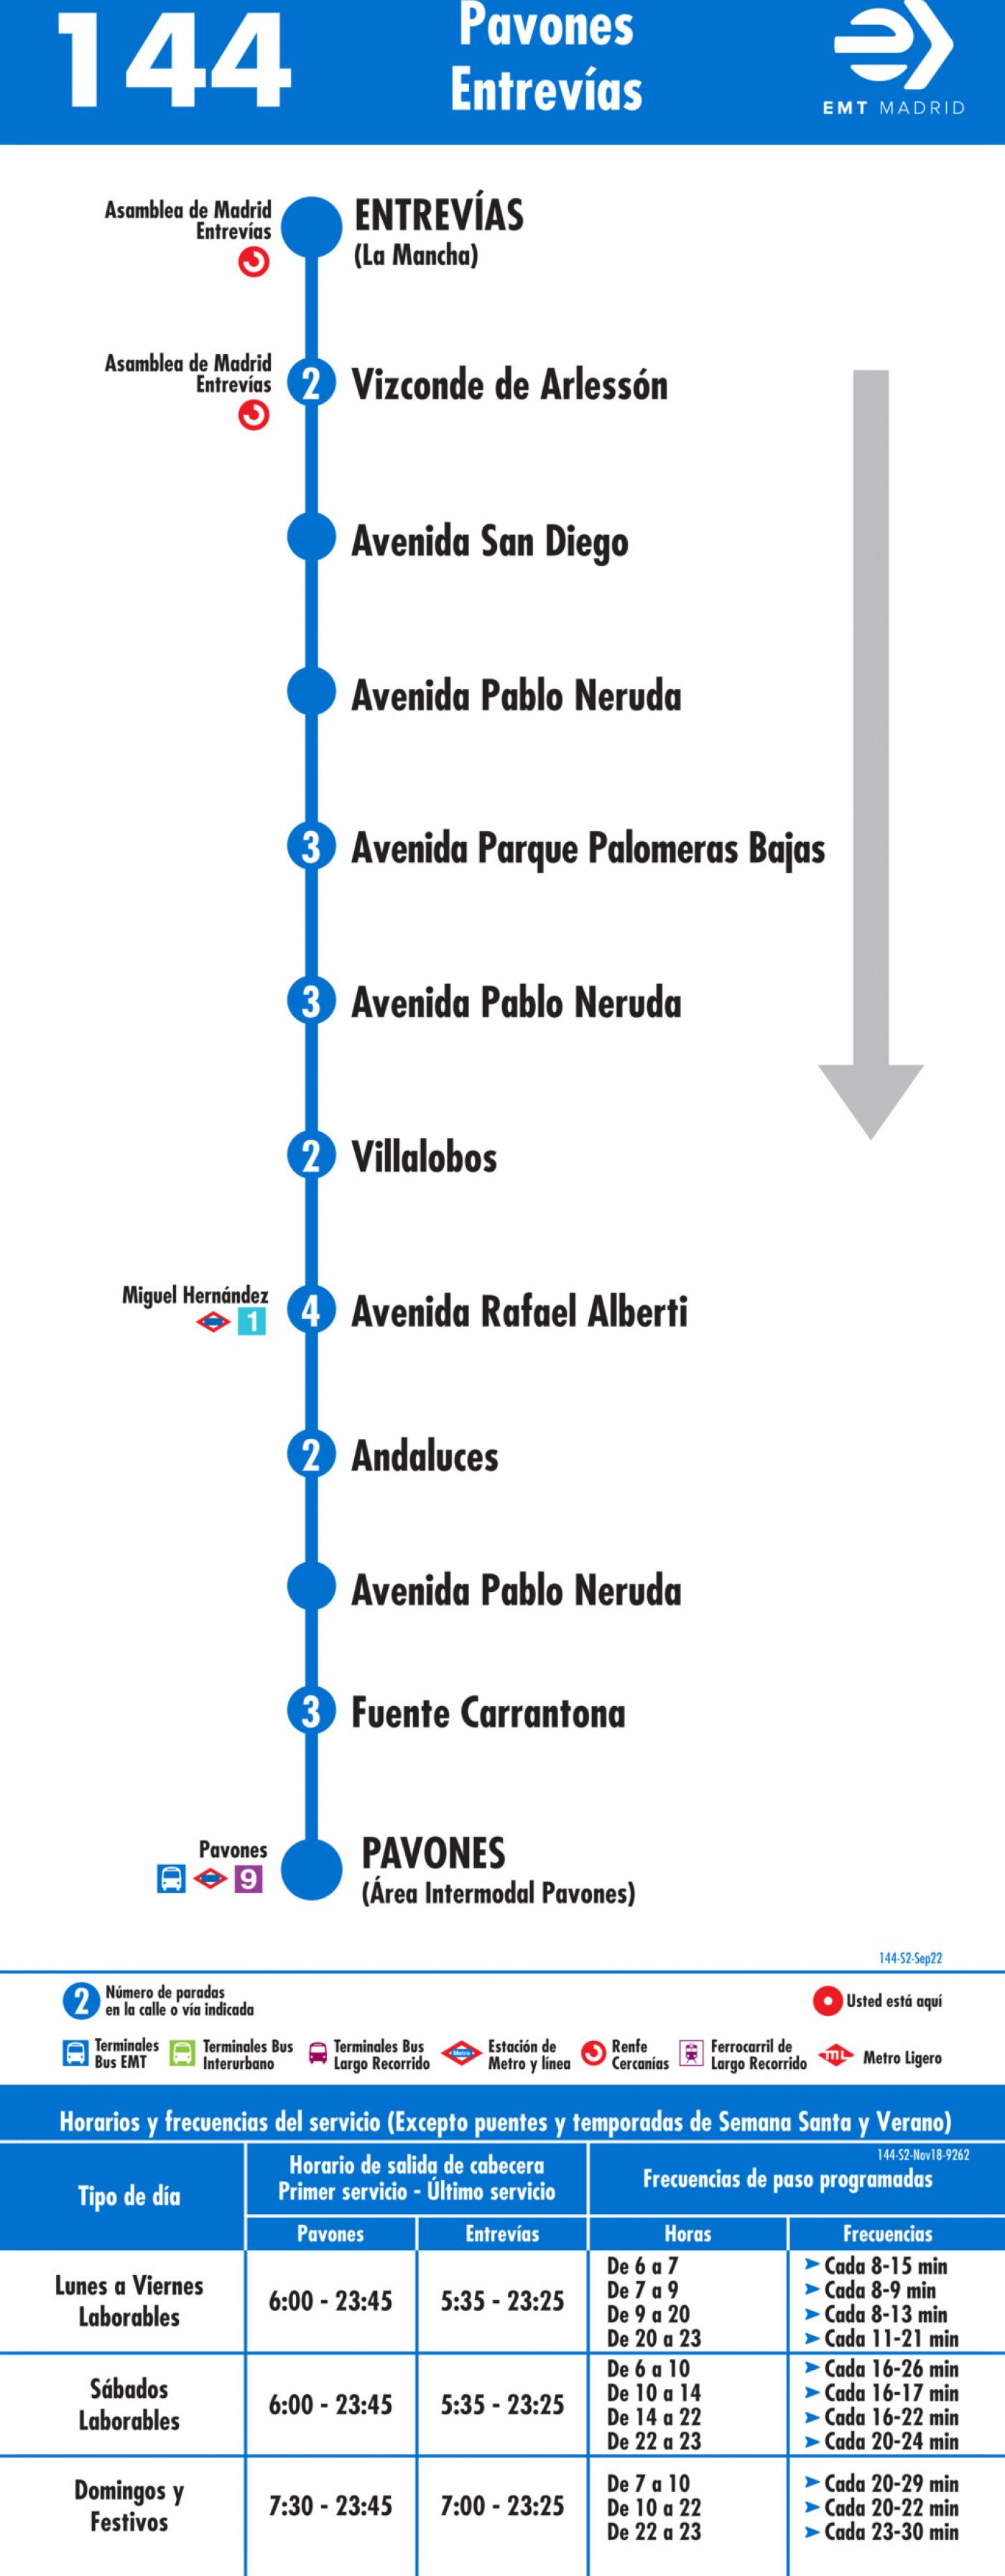 Tabla de horarios y frecuencias de paso en sentido vuelta Línea 144: Pavones - Entrevías